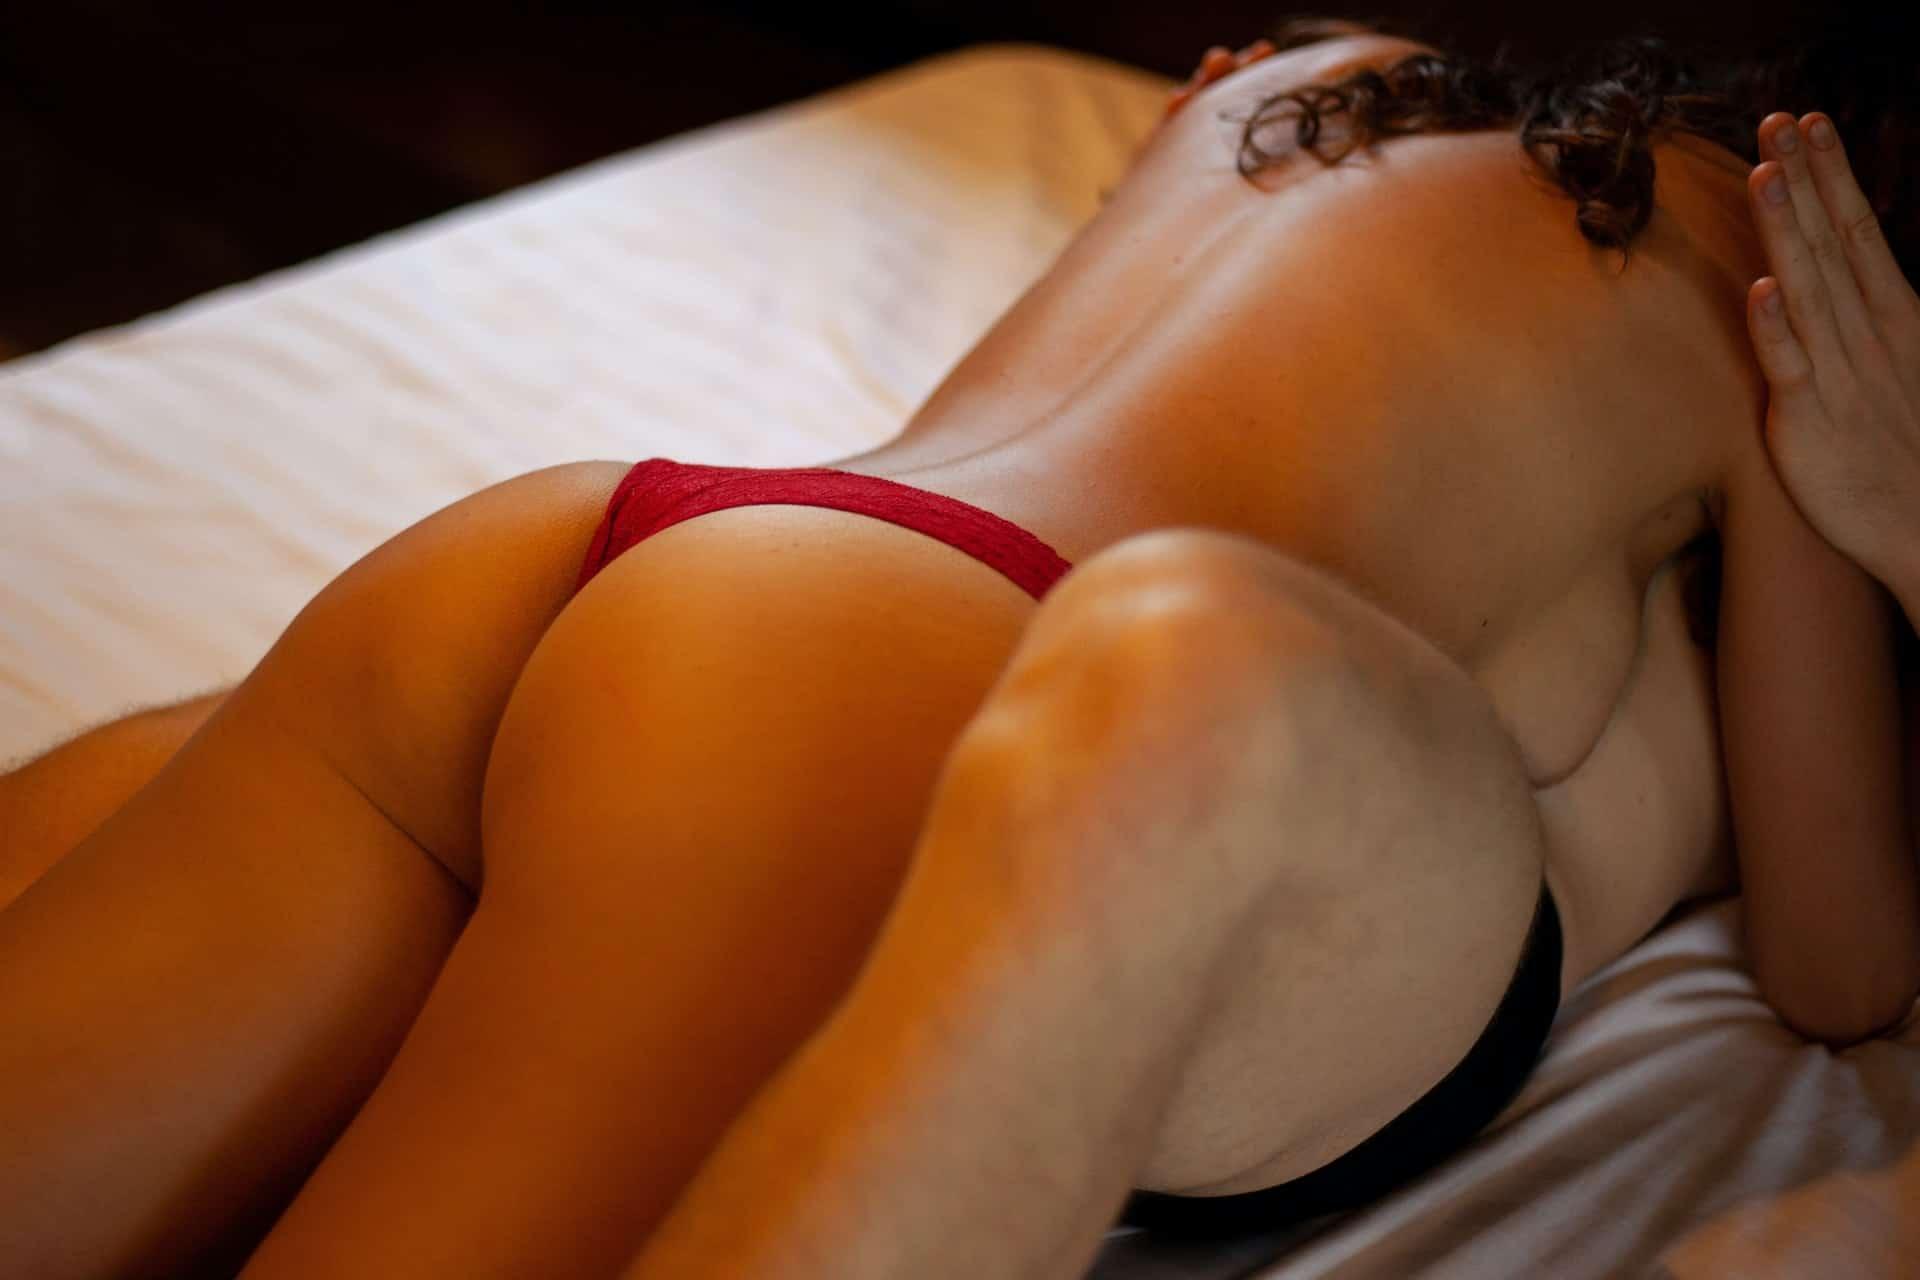 Eine Frau in einem roten Tanga liegt auf einem Mann im Bett